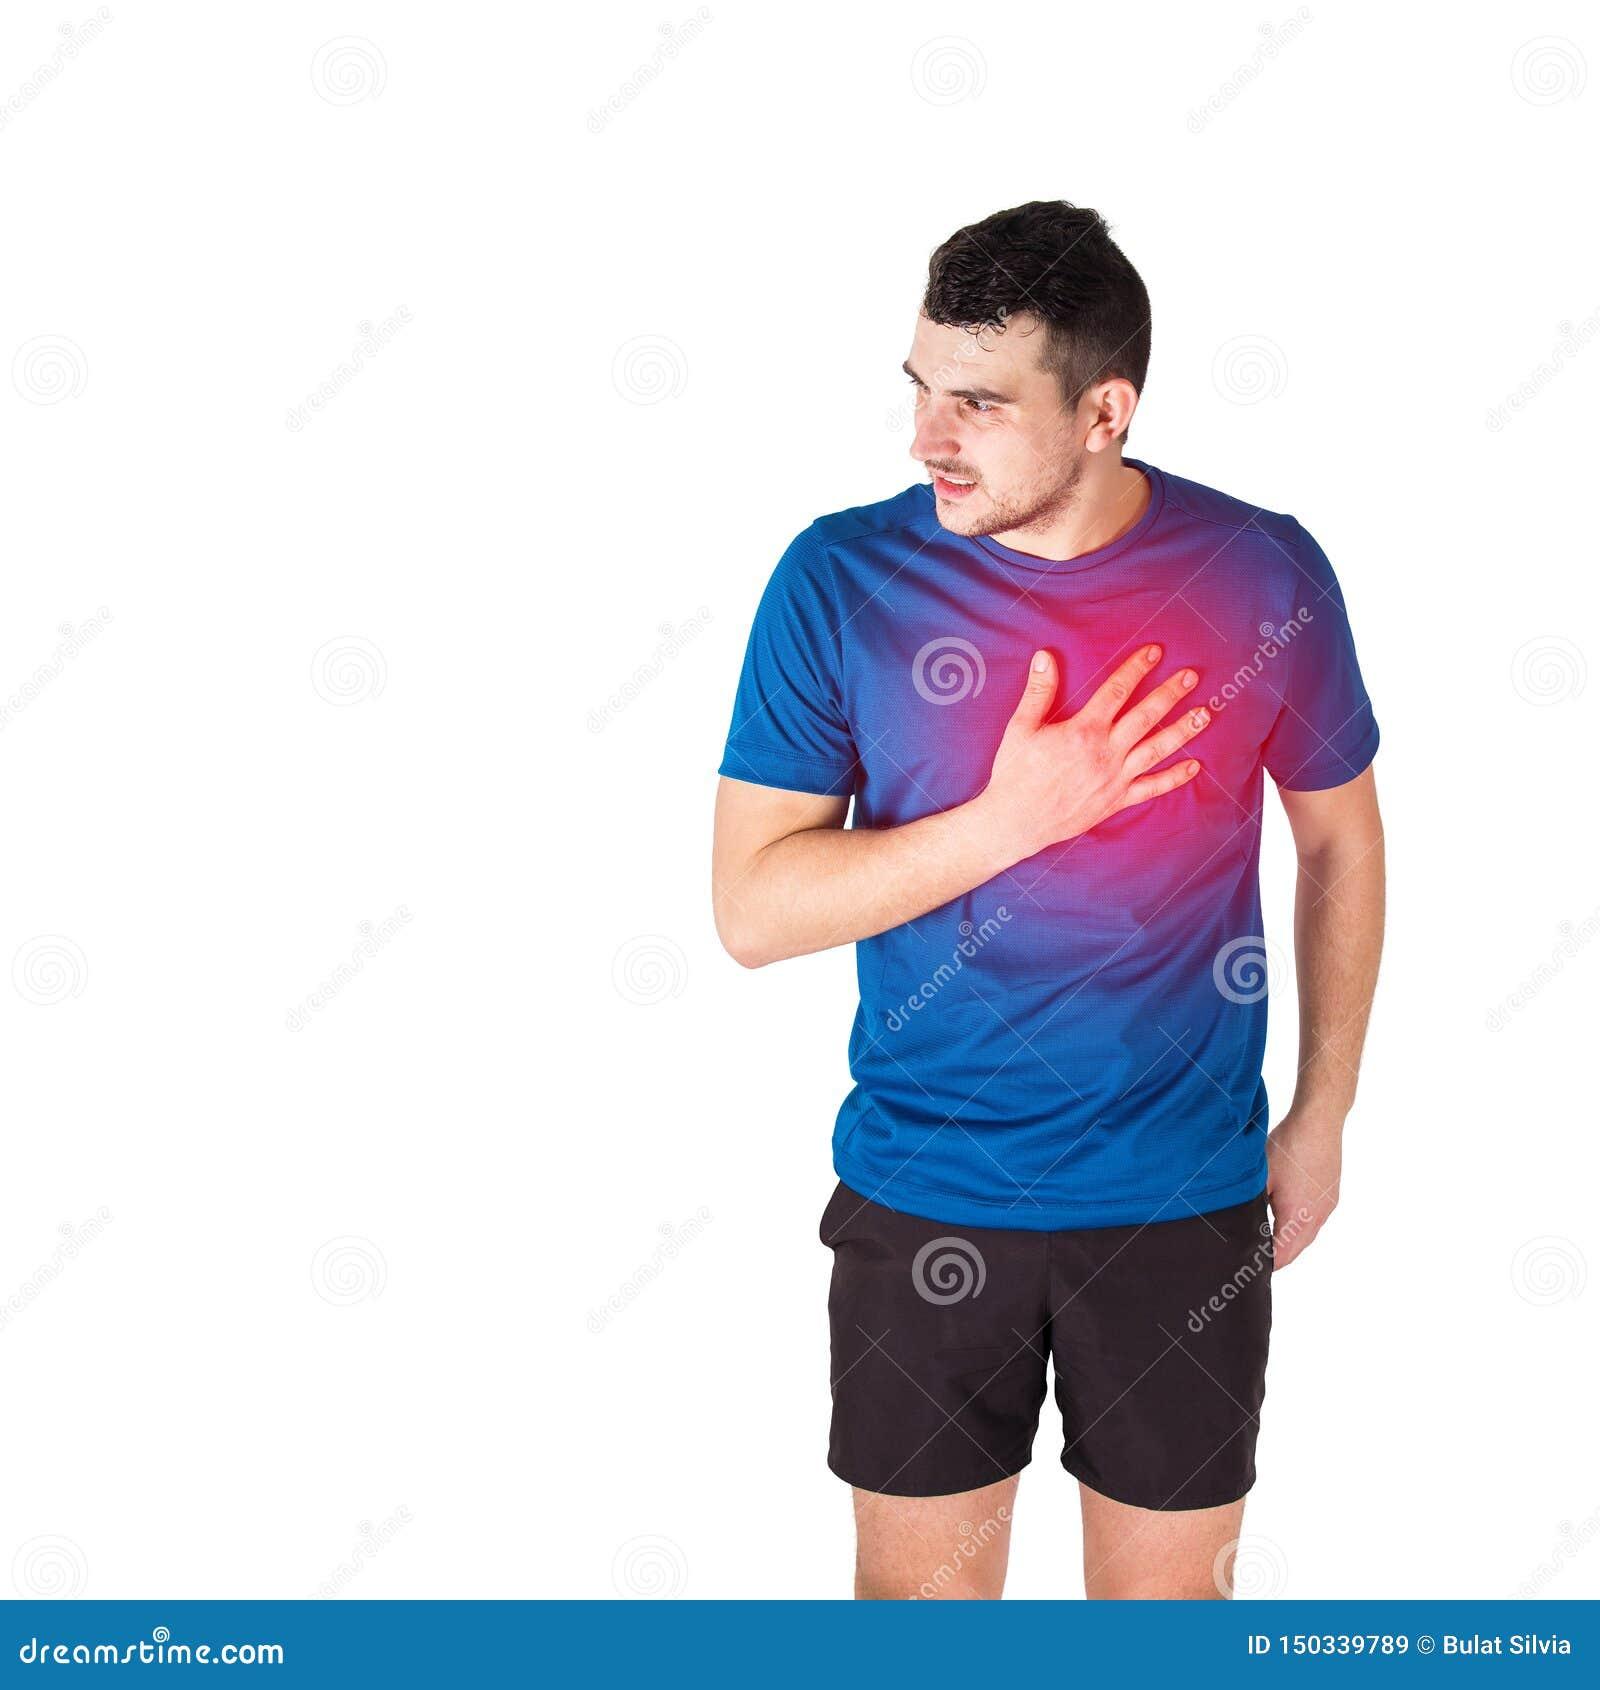 Glaubender Herzinfarkt des Athleten oder Schmerz in der Brust lokalisiert über weißem Hintergrund